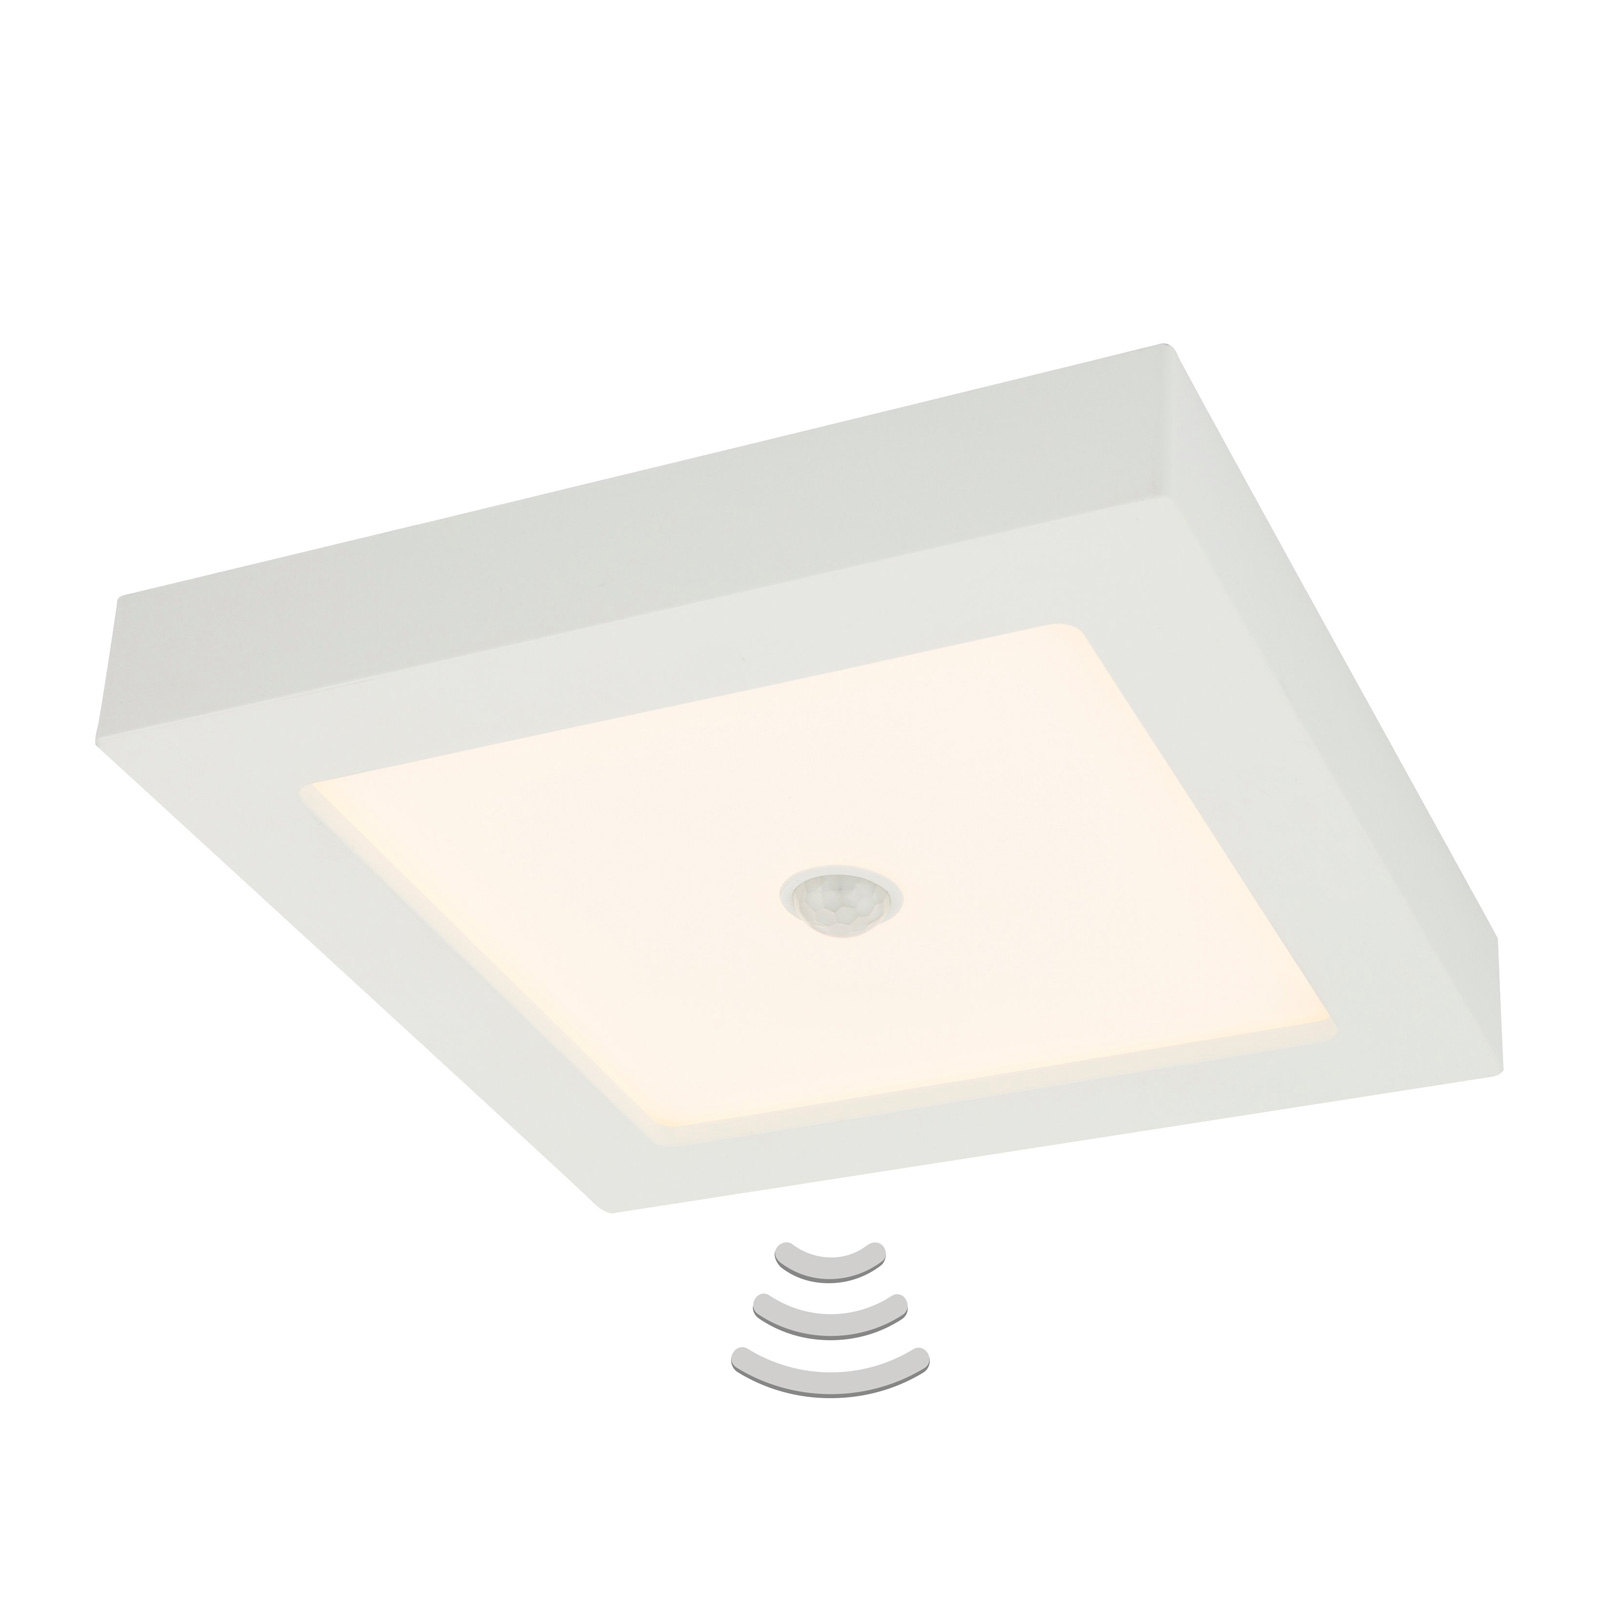 LED-taklampe Svenja 18 W med bevegelsessensor